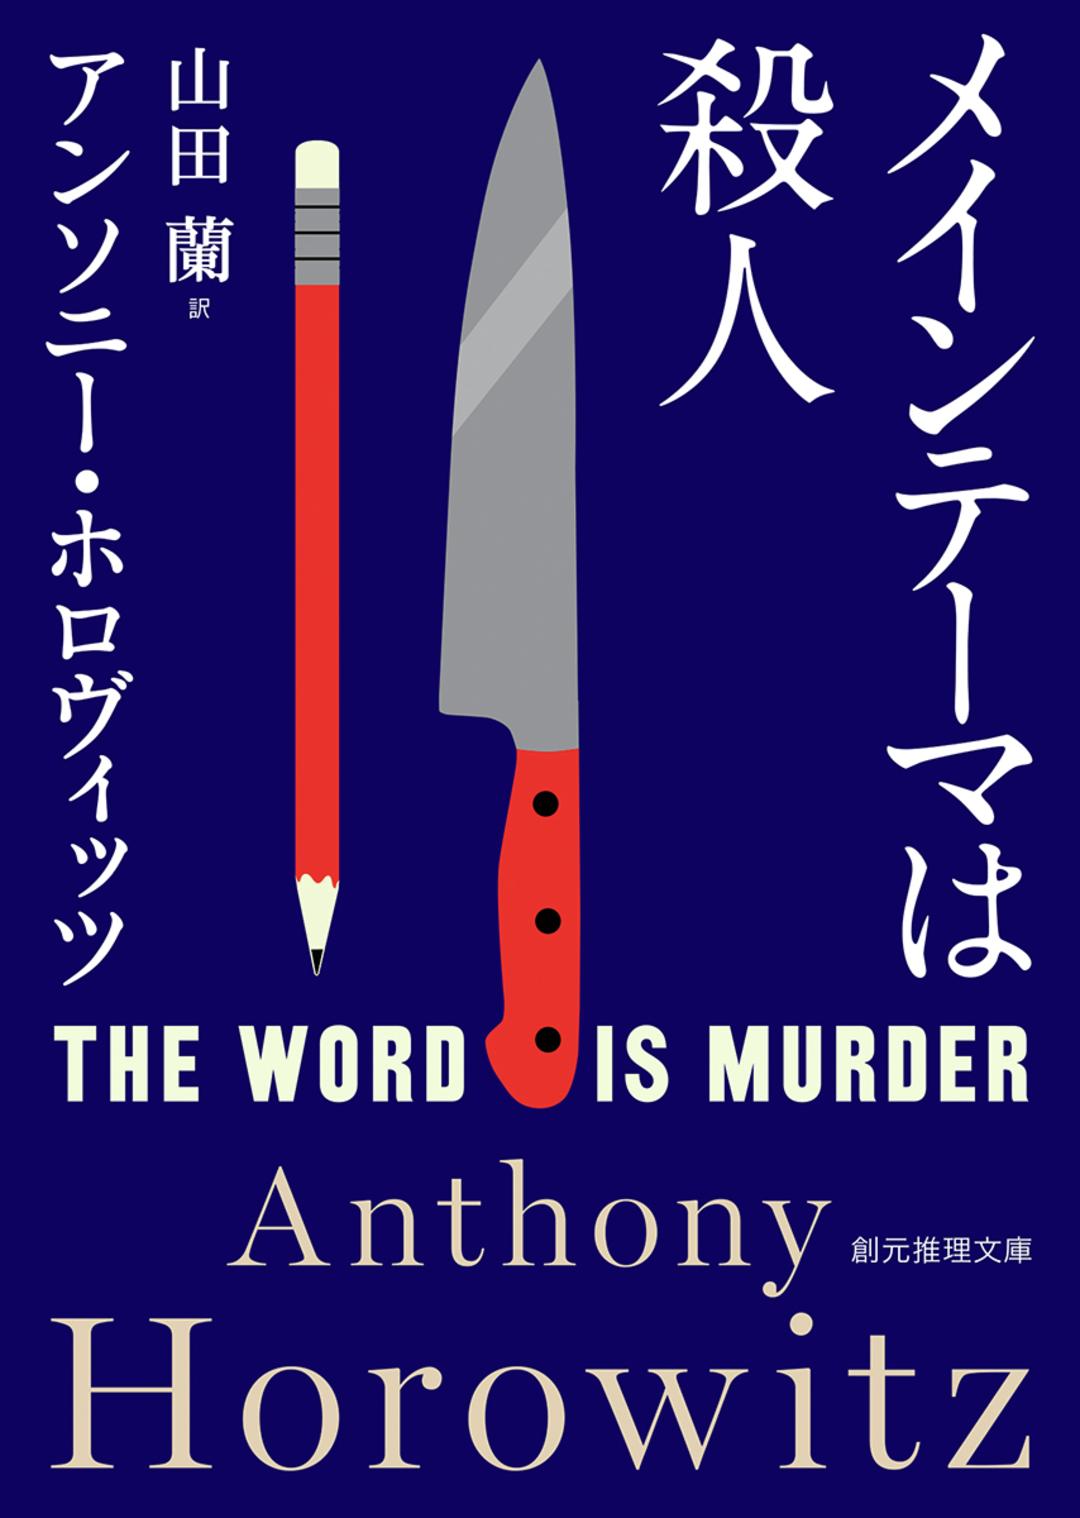 【語学力を伸ばしたい!】→海外の生活を感じる翻訳小説読破!